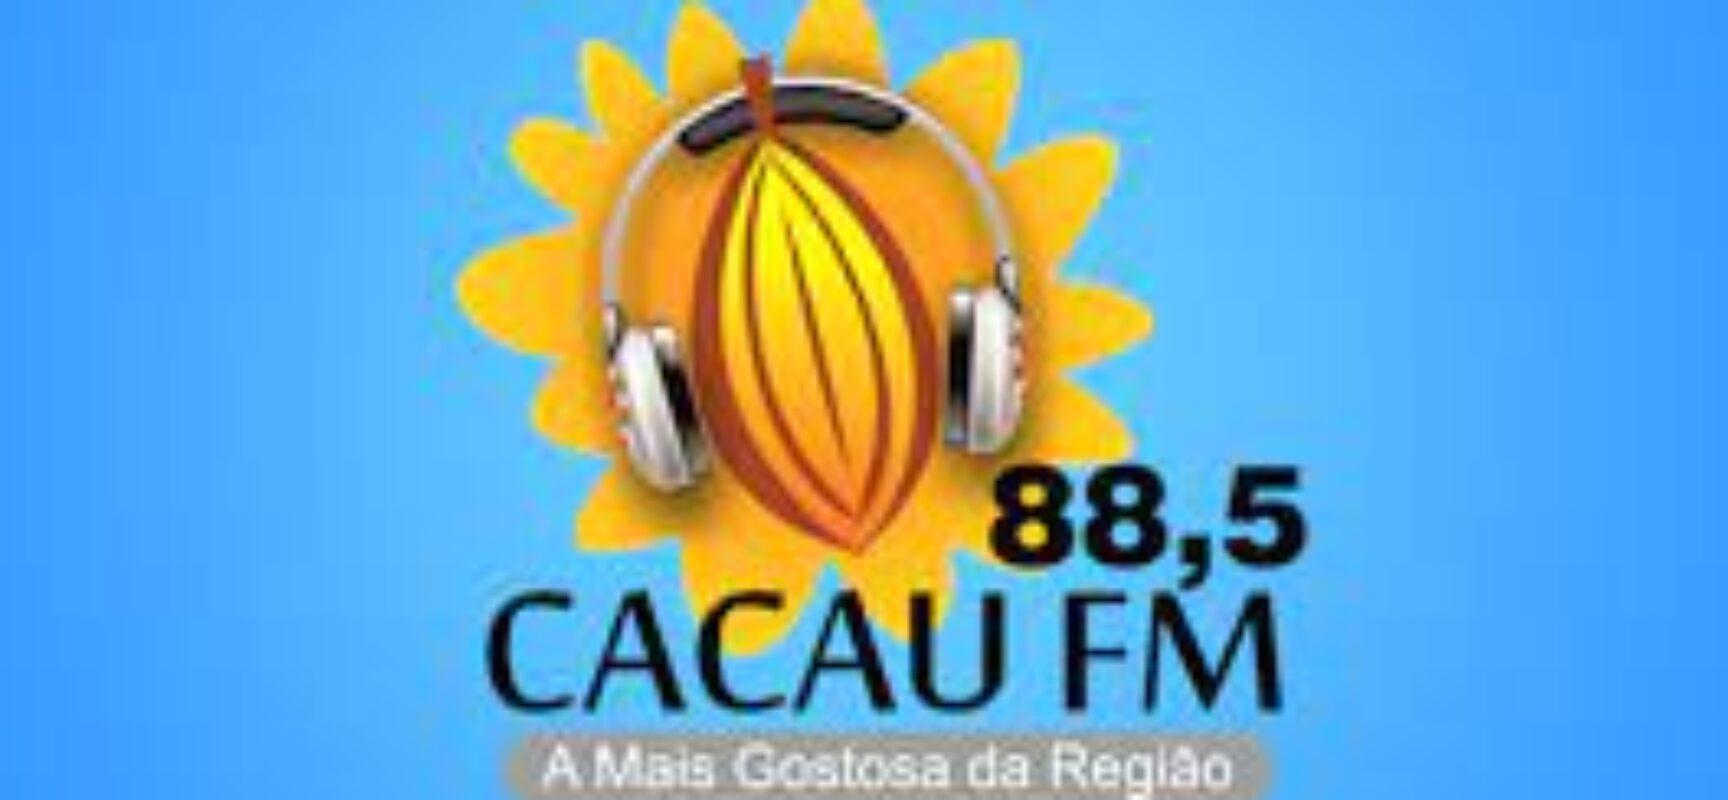 IBICARAÍ: Derrubaram a torre da CACAU FM